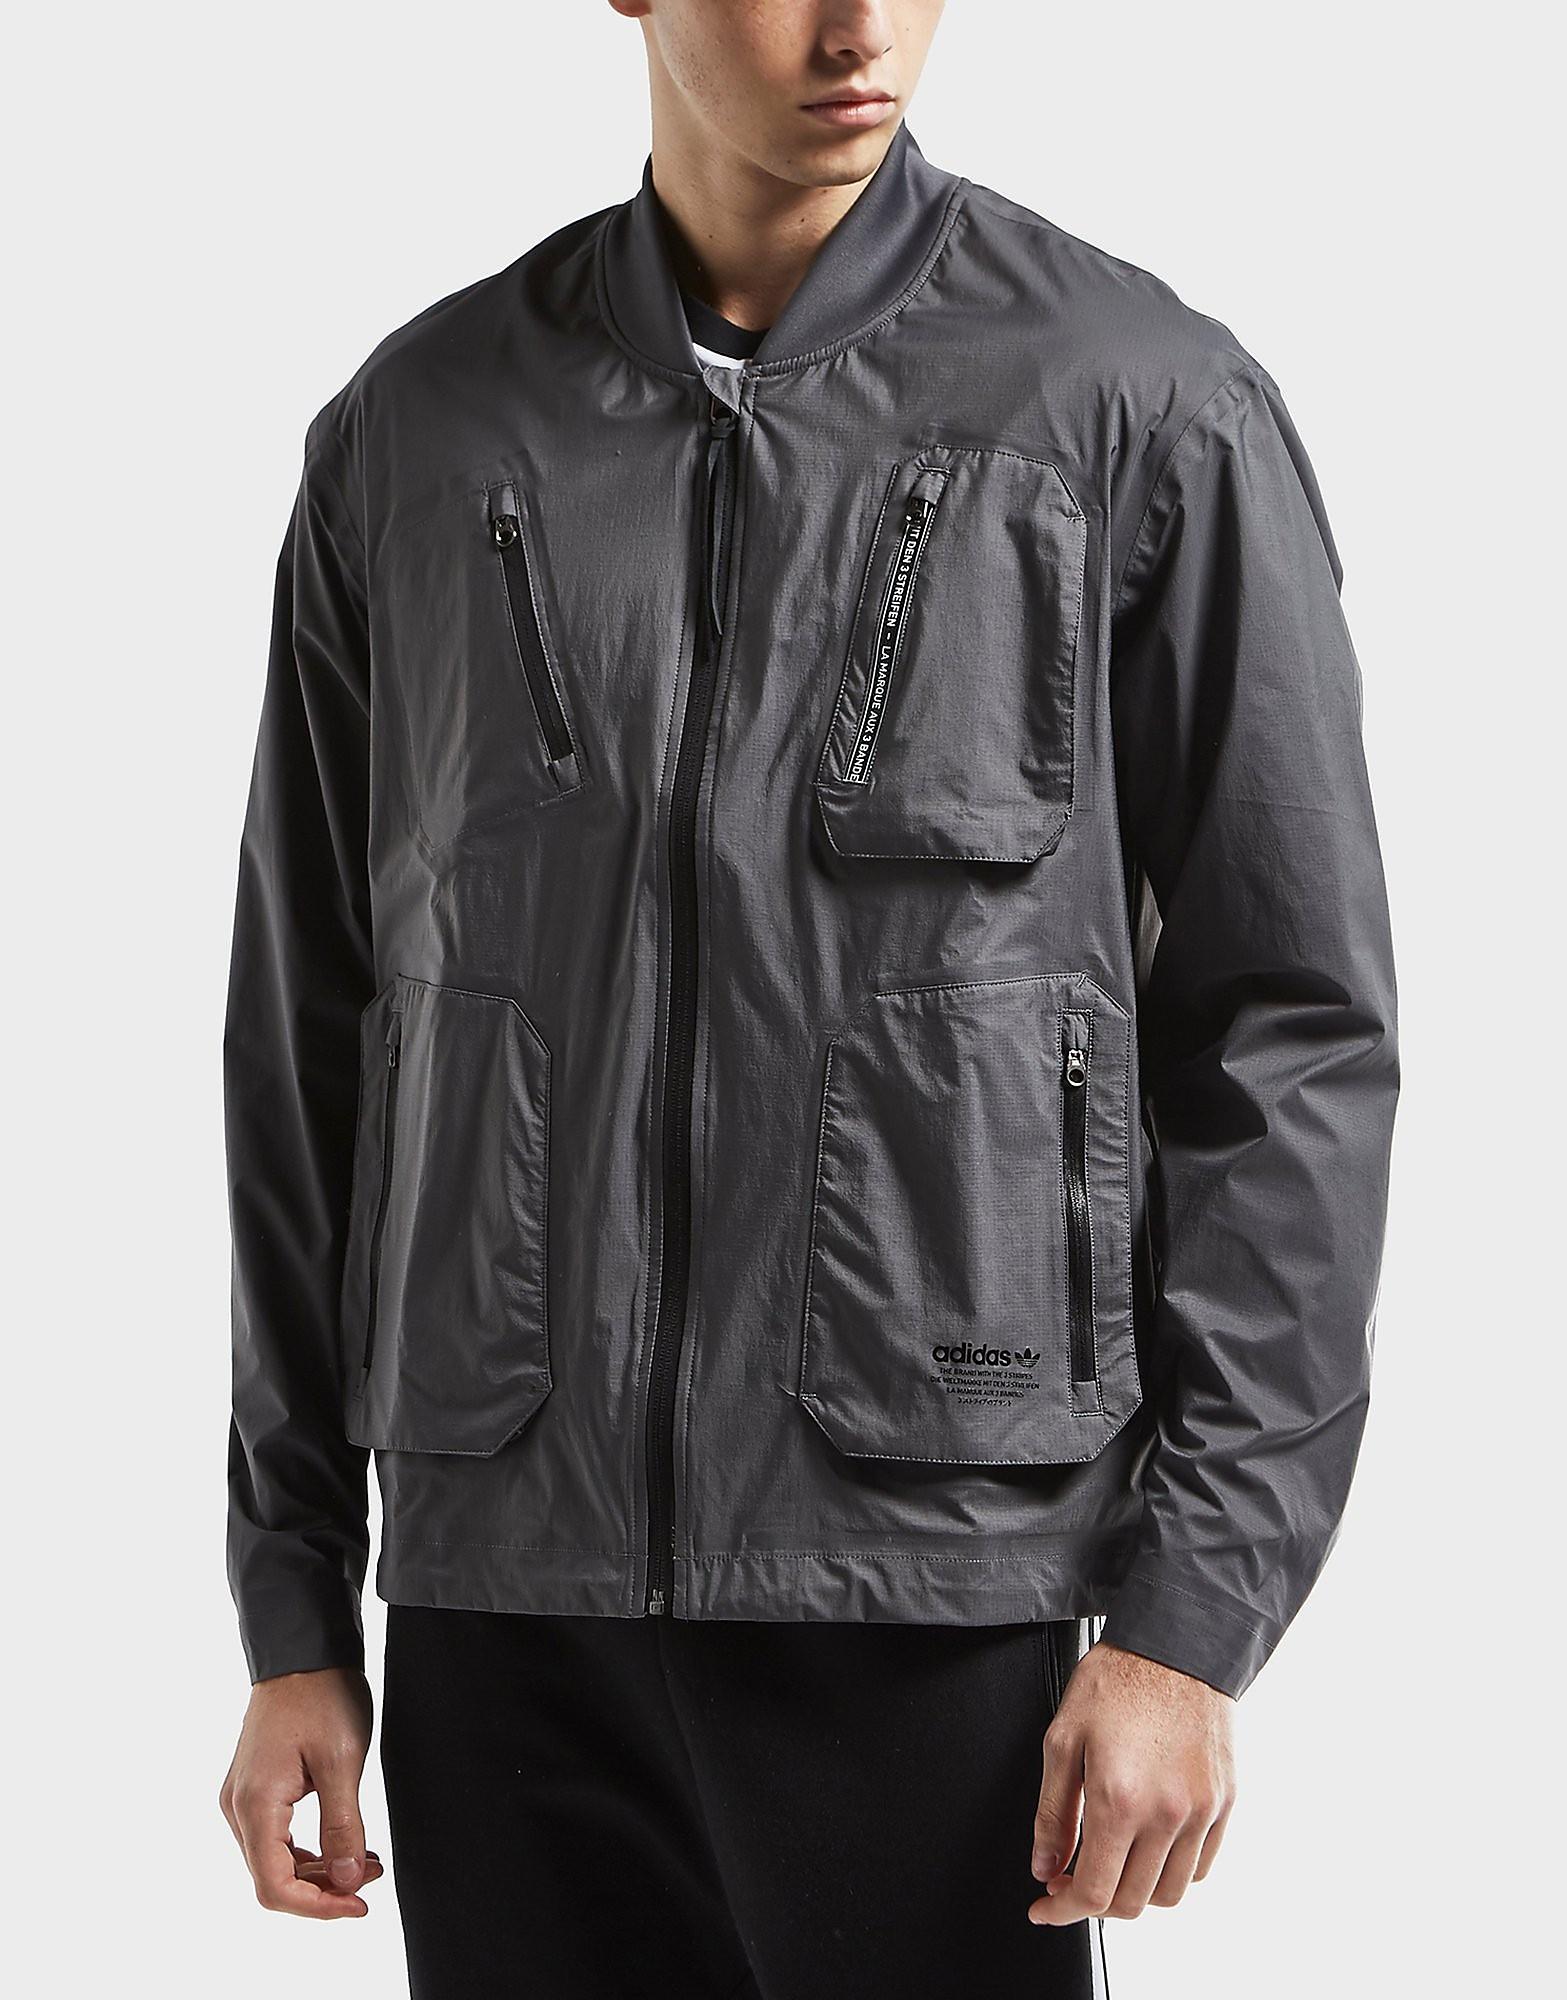 adidas Originals NMD Lightweight Bomber Jacket